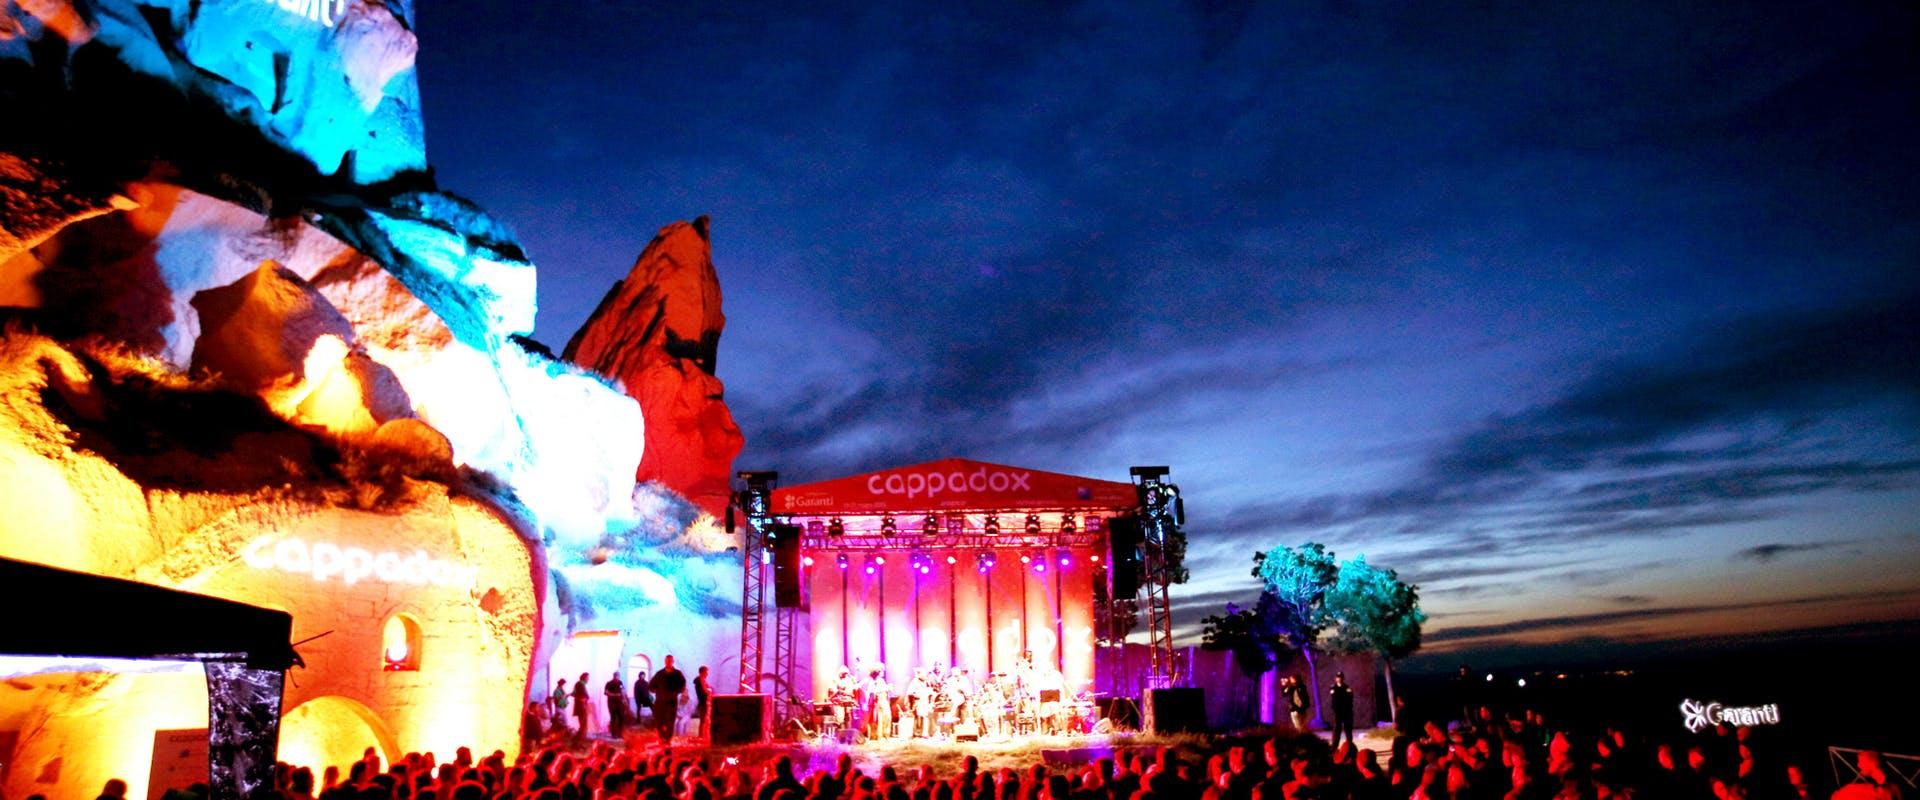 kapadokyaya ne zaman gidilir - cappadox festivali